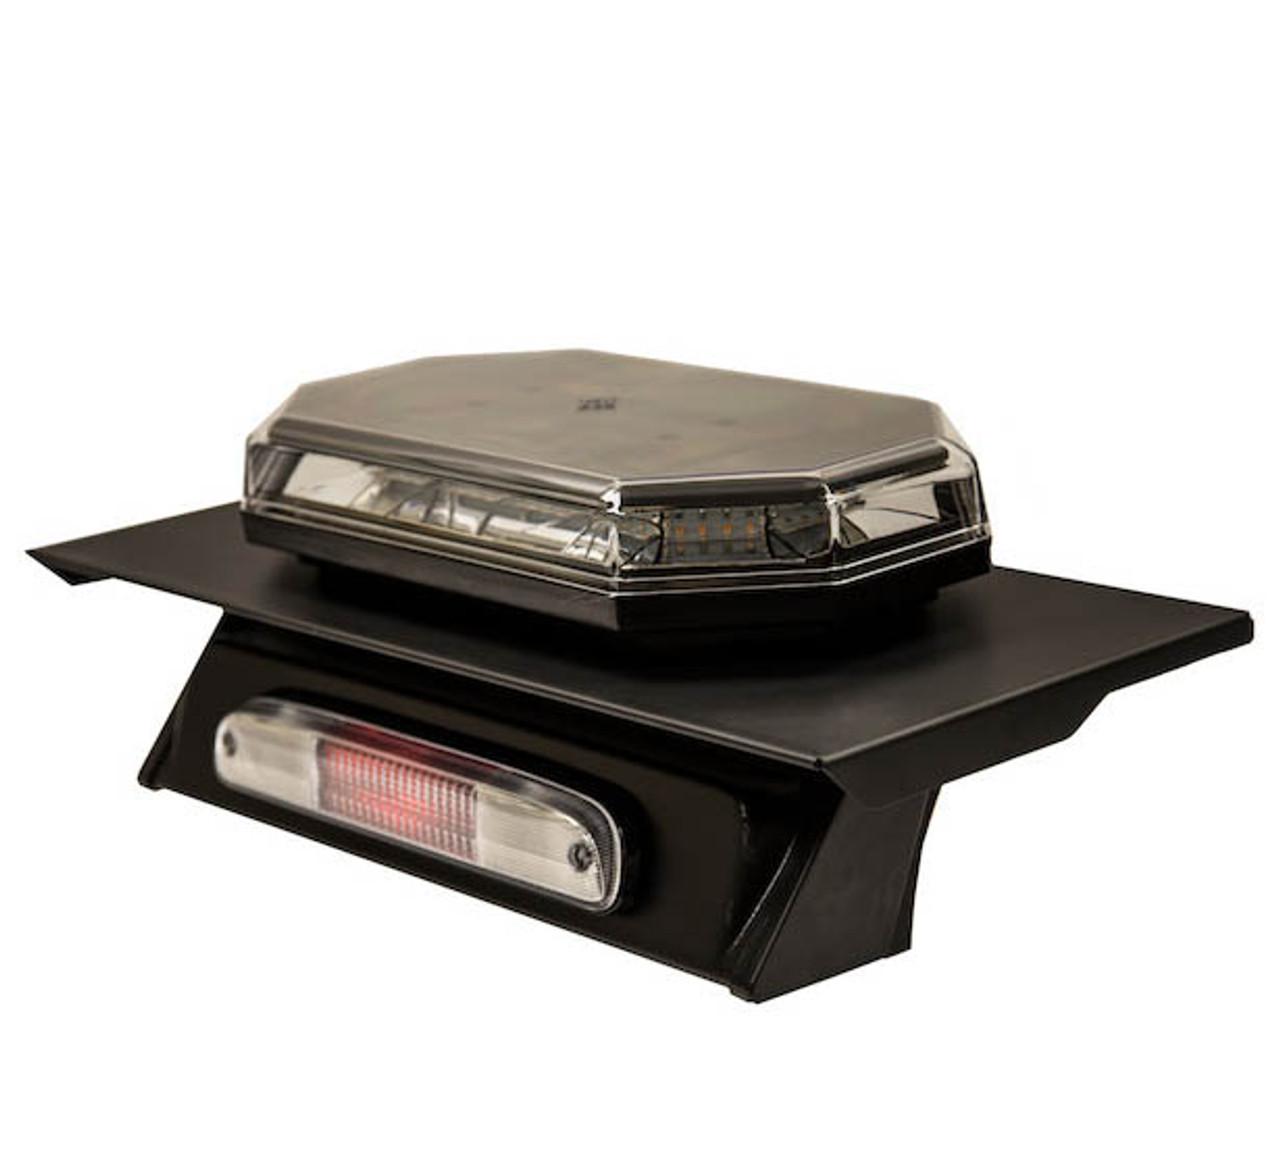 8895300 --- Fleet Series Drill-Free Light Bar Cab Mount - RAM 2010-2018